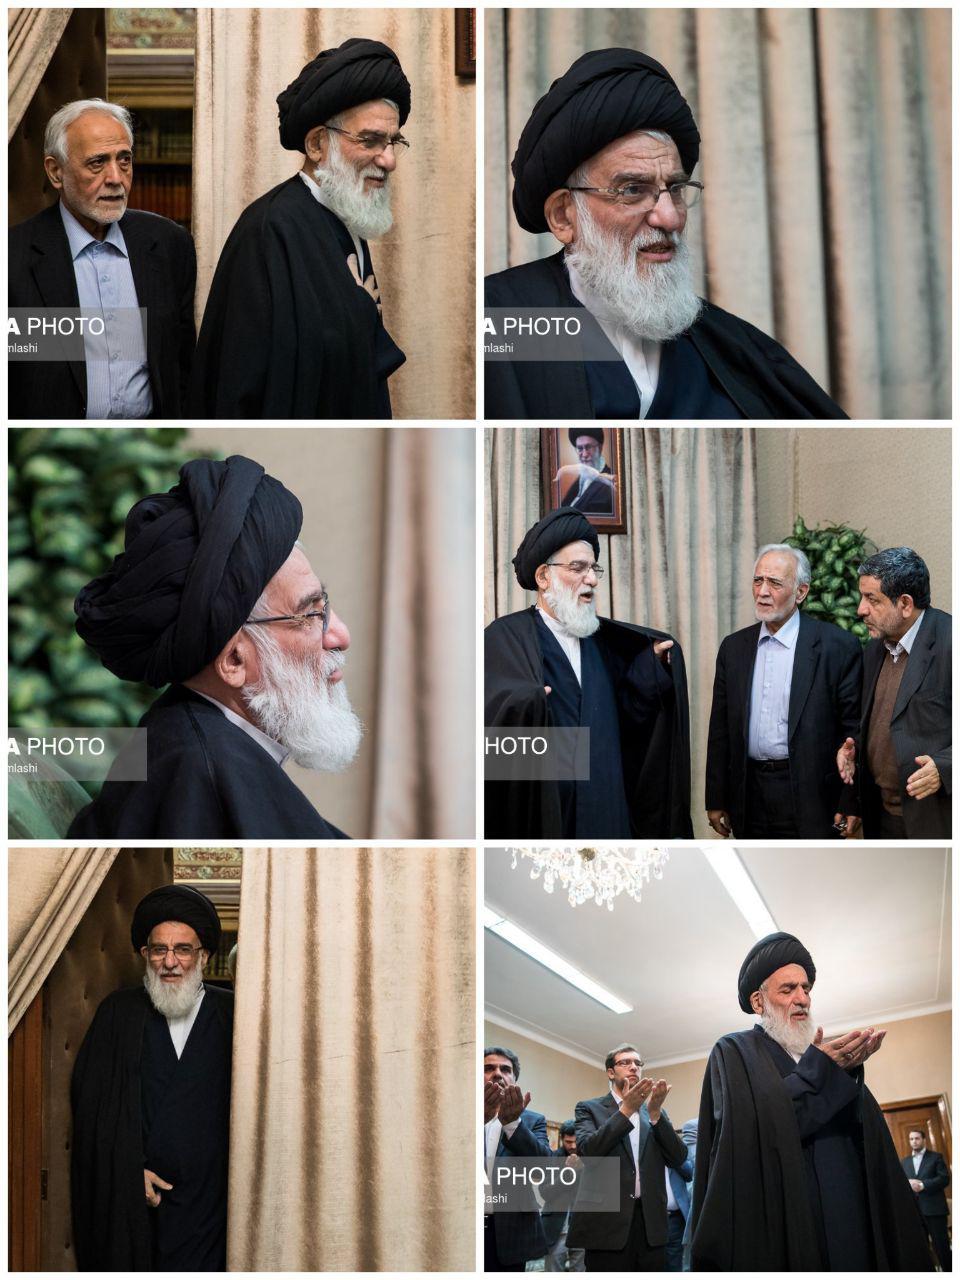 تصاویر/ آیت الله هاشمی شاهرودی بعد از بازگشت از سفر پرحاشیه به آلمان